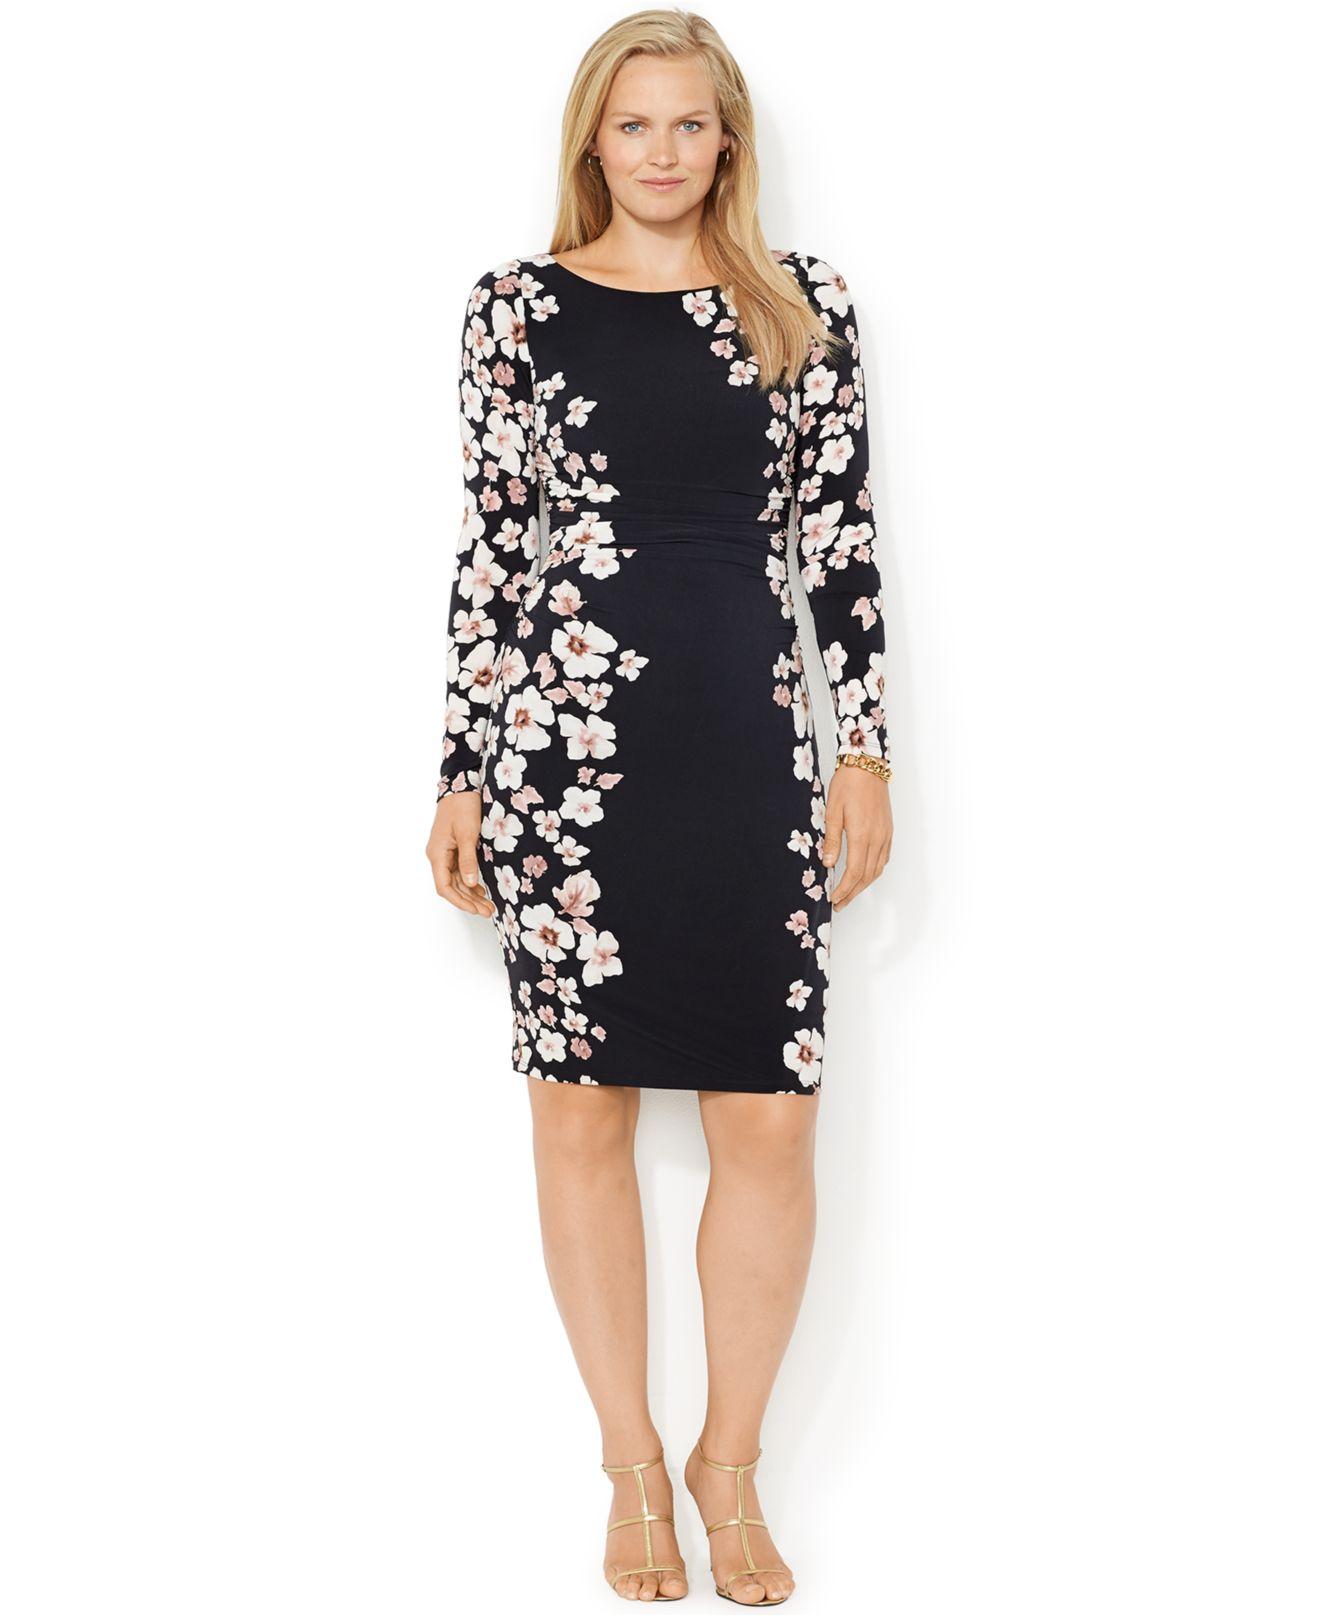 Lyst Lauren By Ralph Lauren Plus Size Long Sleeve Floral Print Dress